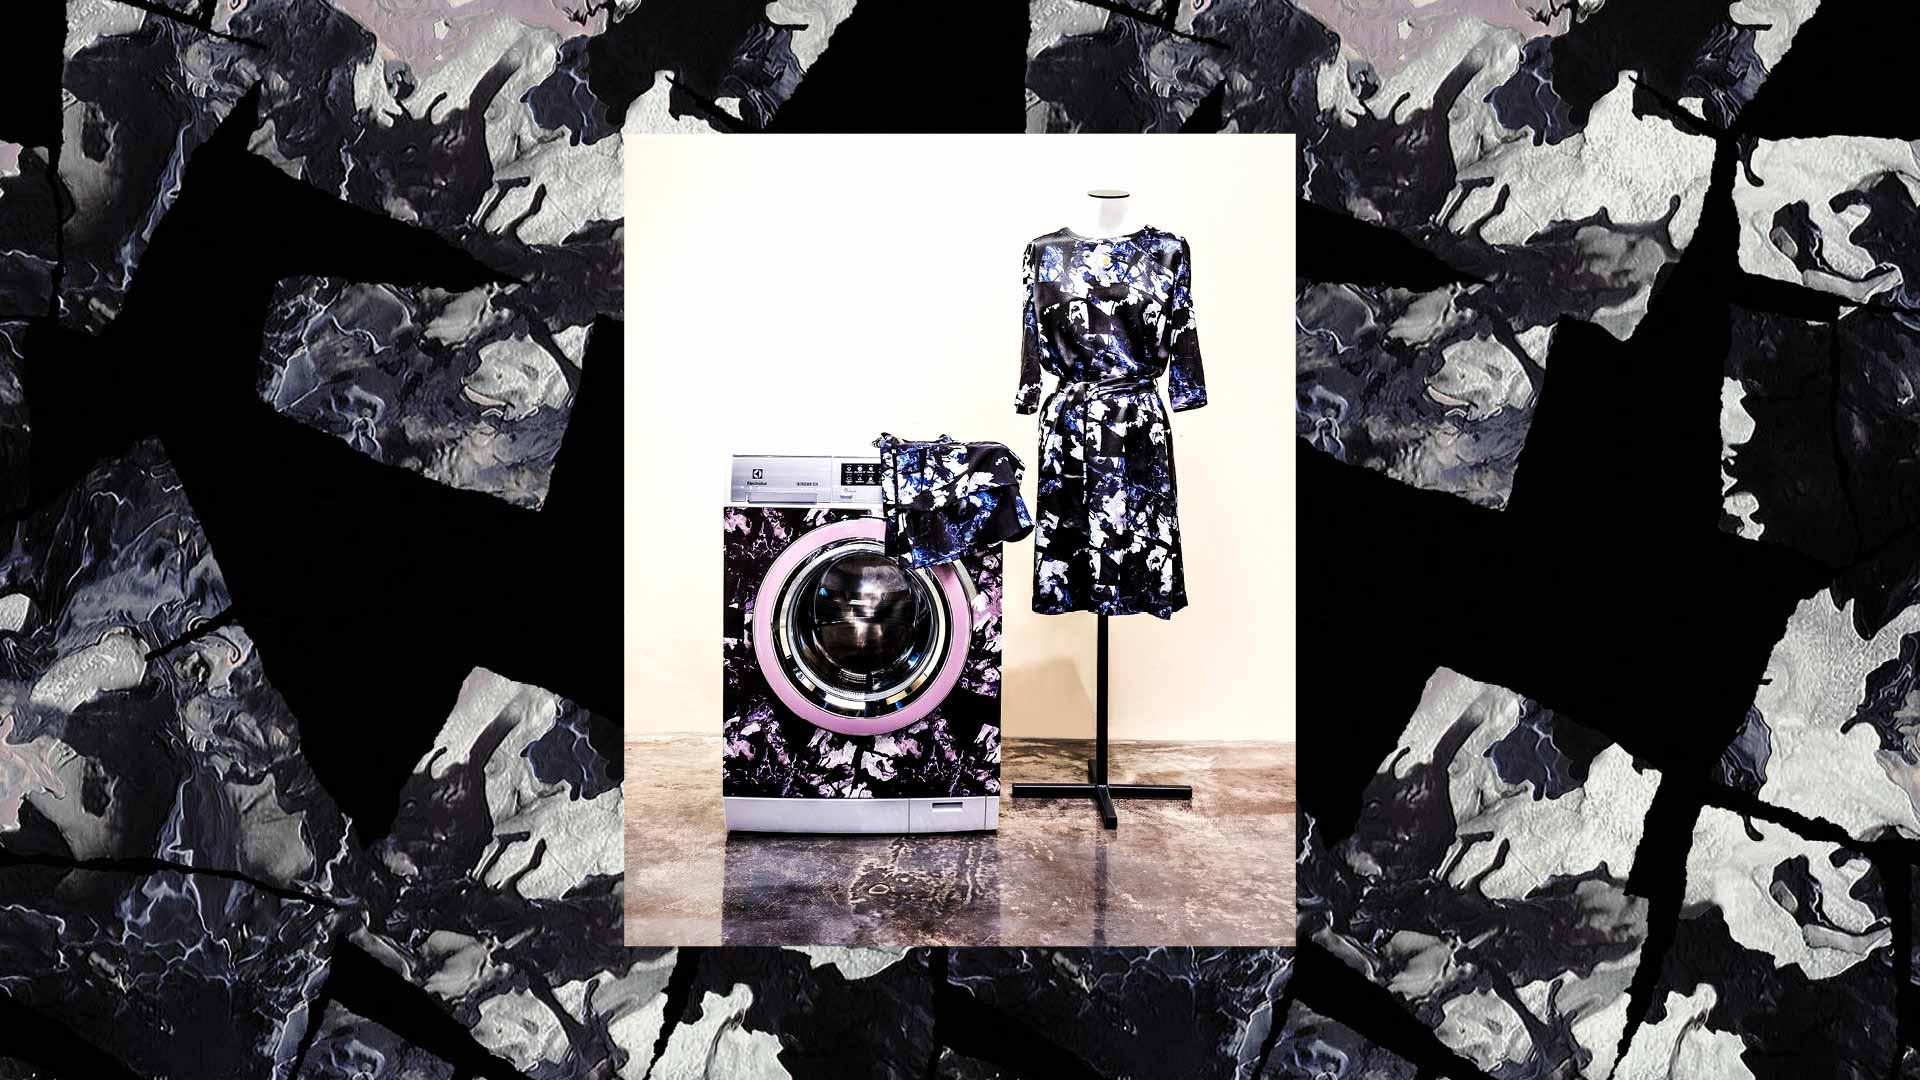 vaskemaskine fra electrolux sammen med kjole på mannequin, med print designet af Storm og Marie